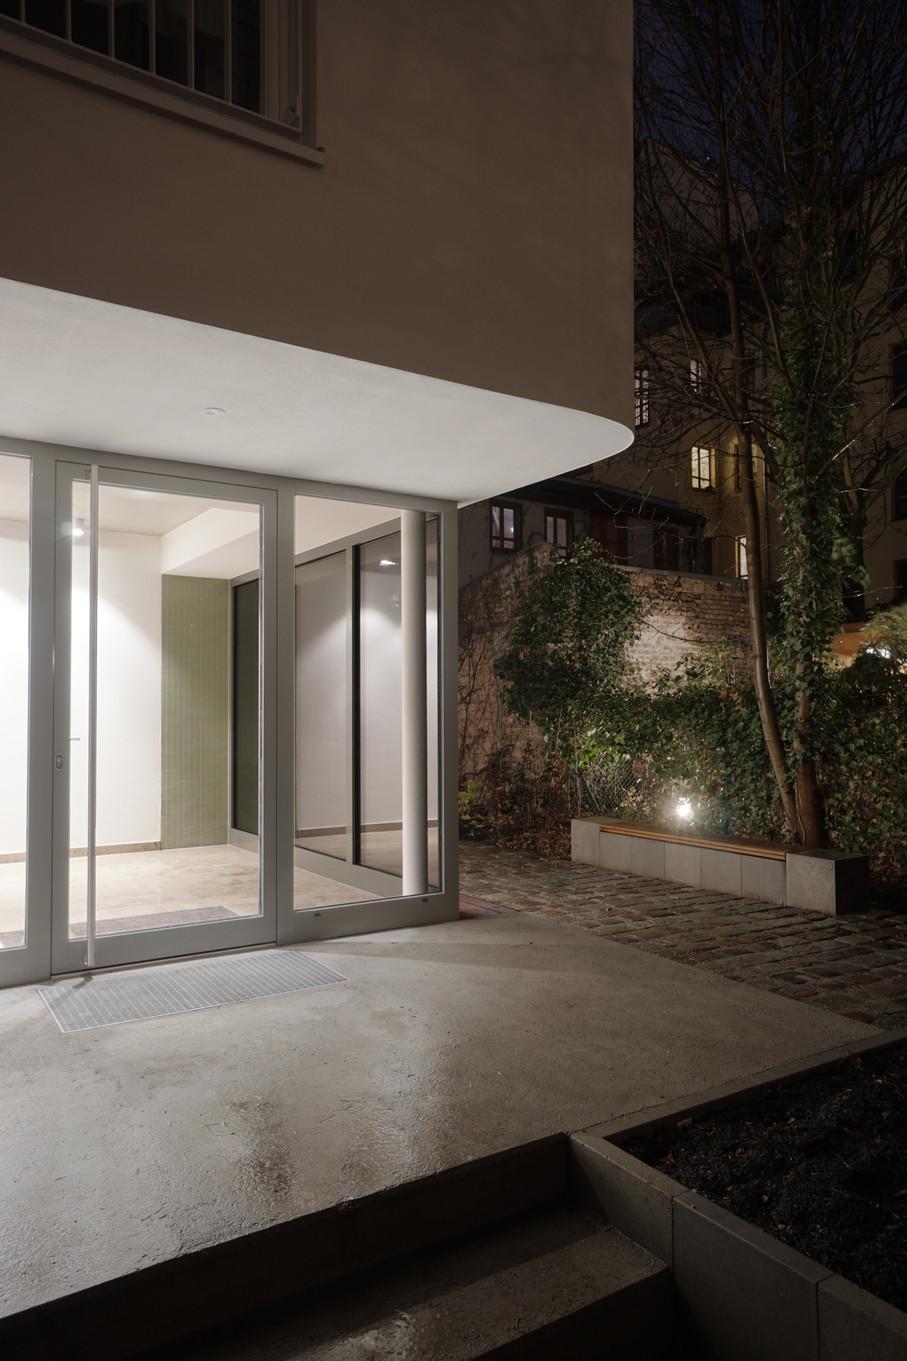 hofhaus berlin-mitte 2019